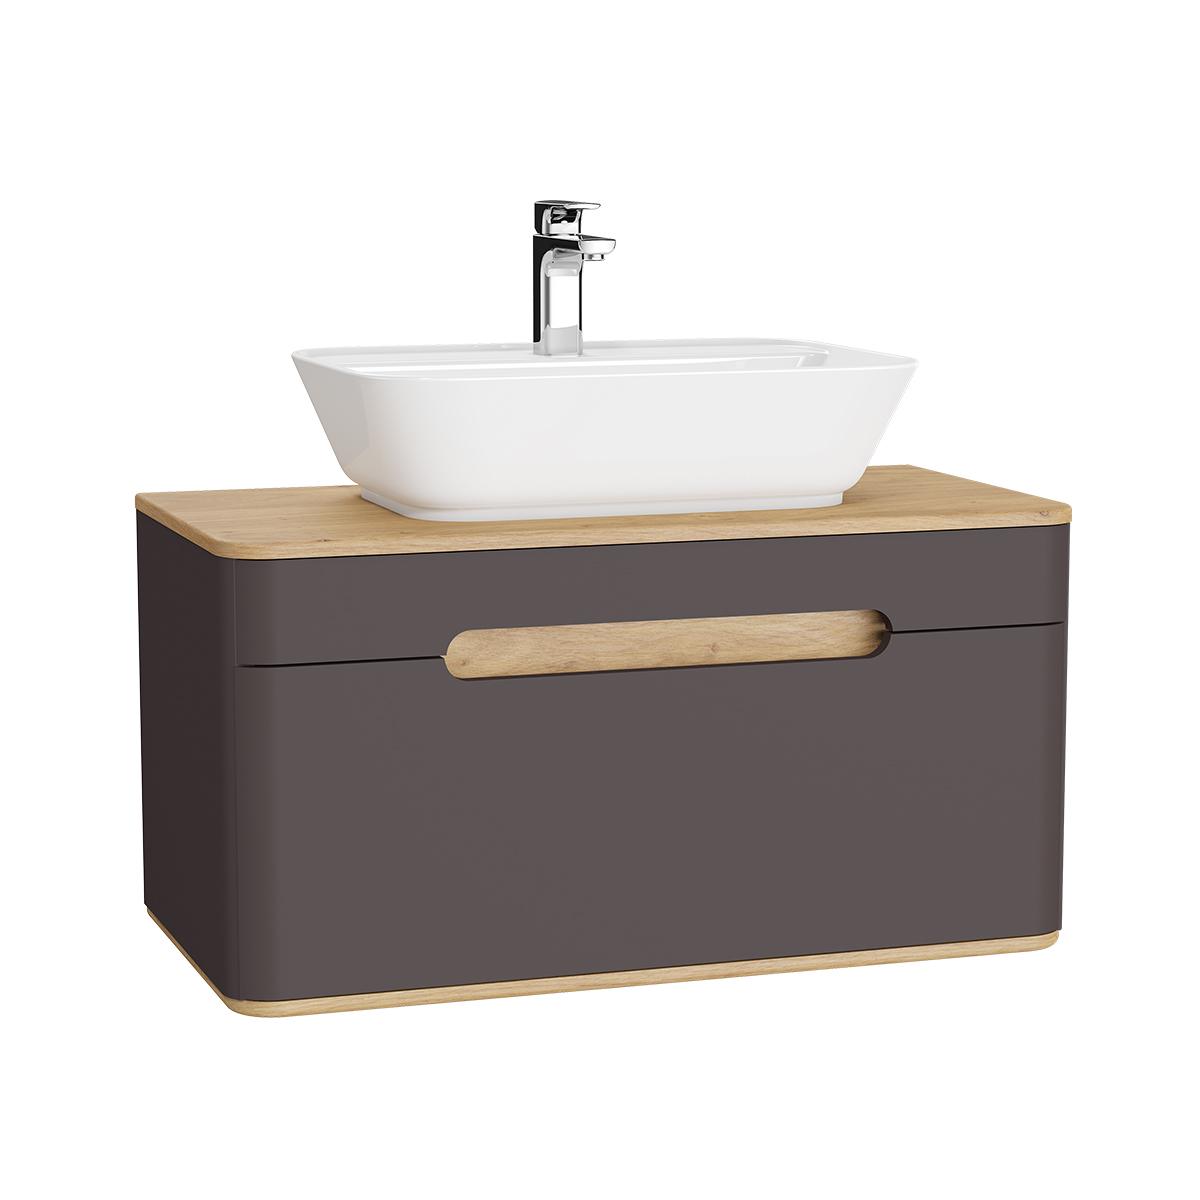 Sento Waschtischunterschrank, 90 cm, für Aufsatzwaschtische, mit 1 Vollauszug, Anthrazit Matt